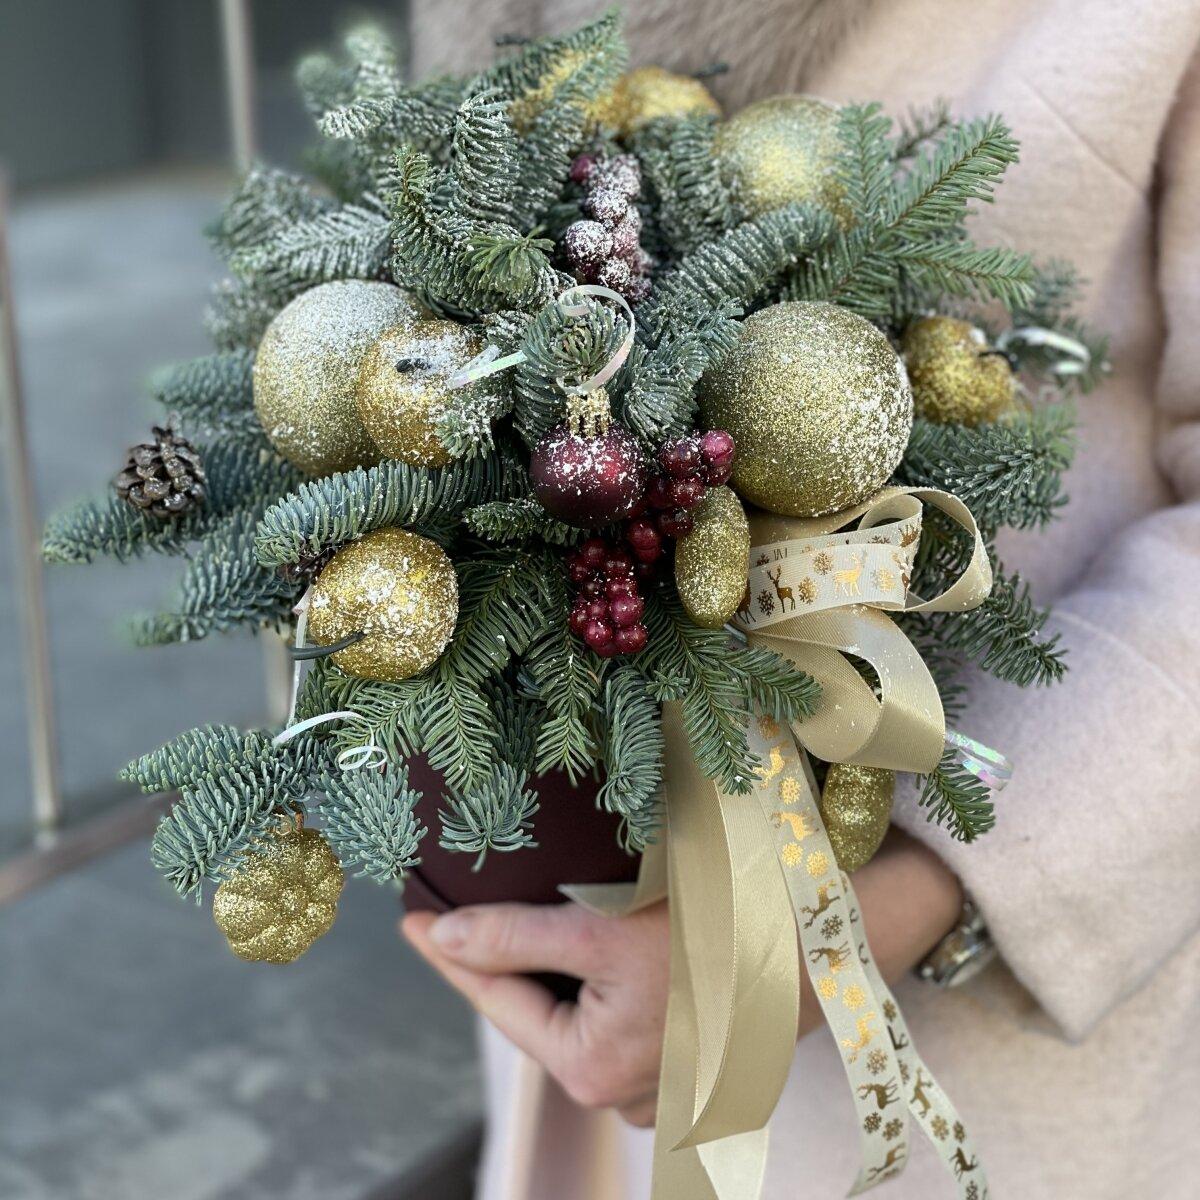 Композиция из нобилиса и новогоднего декора Праздничная роскошь